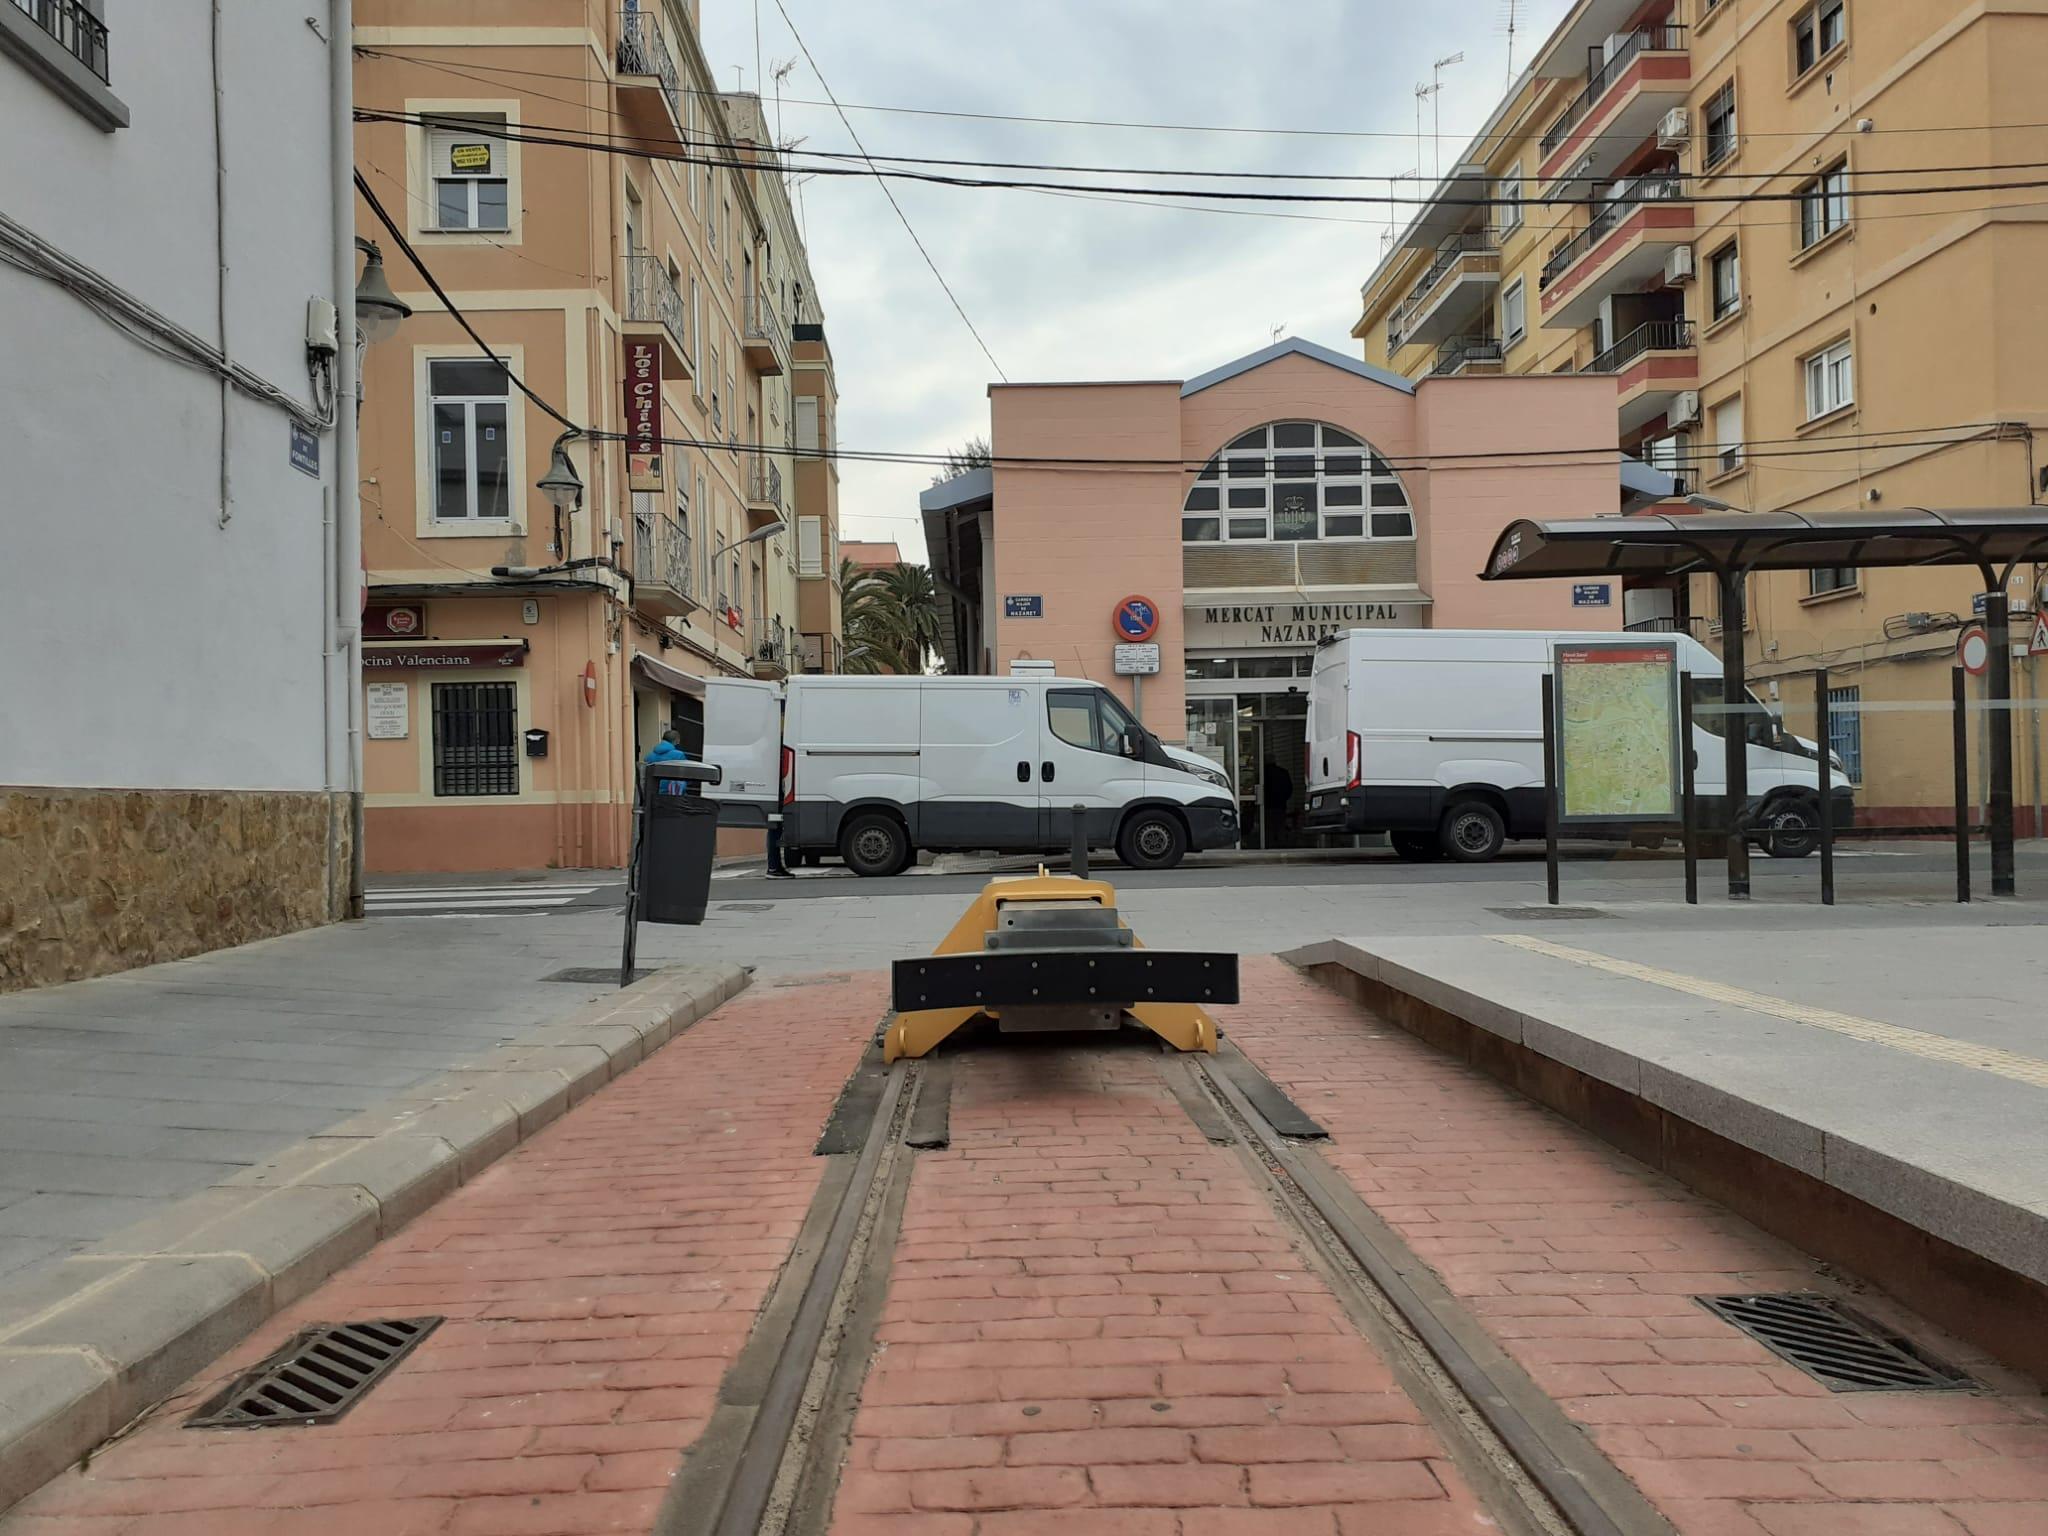 Ferrocarrils de la Generalitat expone a los vecinos y vecinas de Natzaret el proyecto de ampliación de la L10 de Metrovalencia hasta el Grau-Canya...